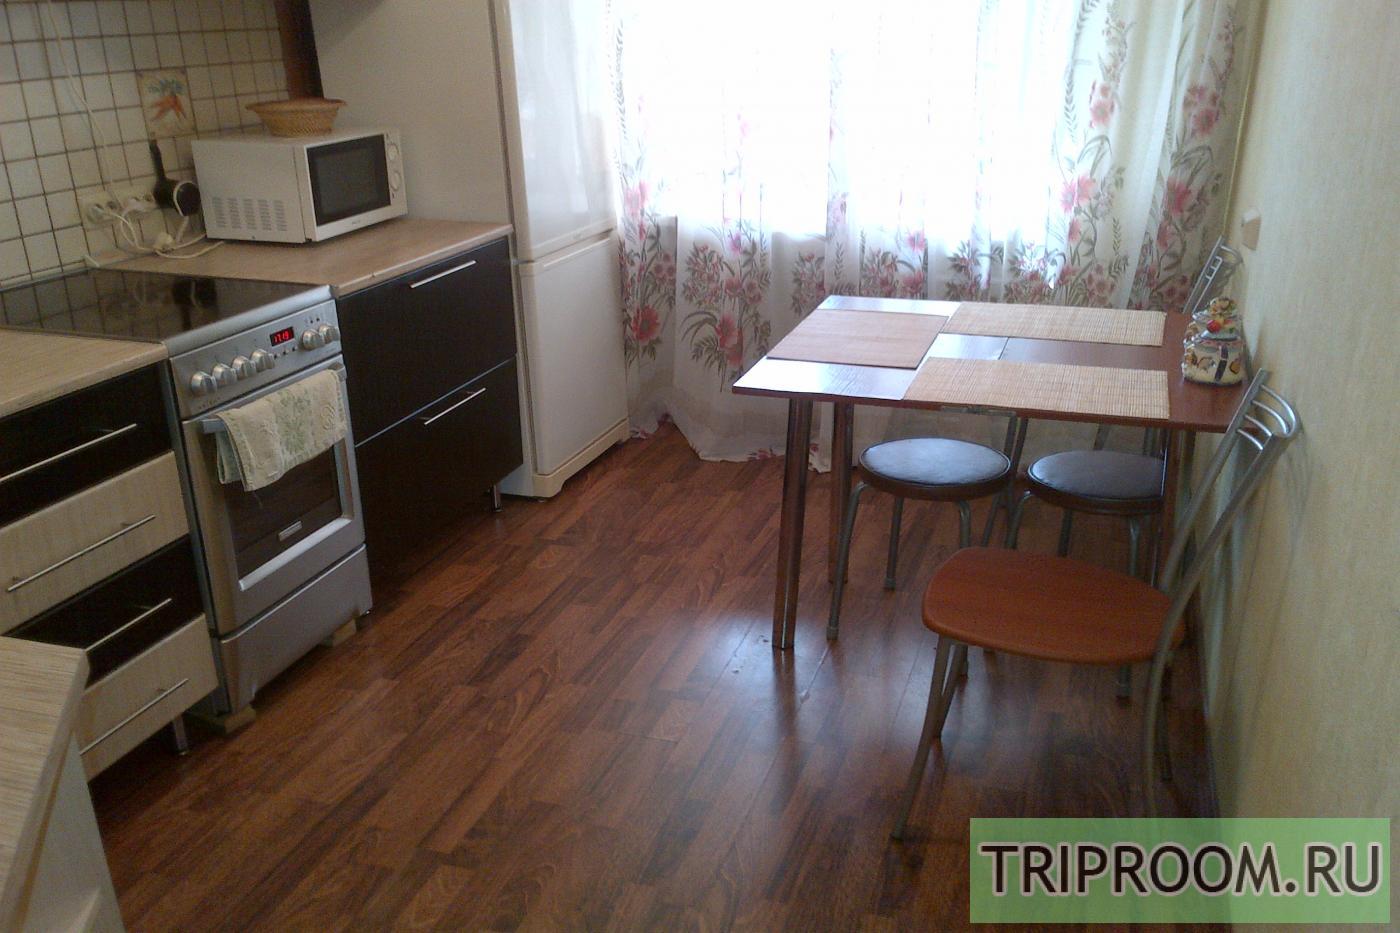 1-комнатная квартира посуточно (вариант № 11690), ул. Вольская улица, фото № 4